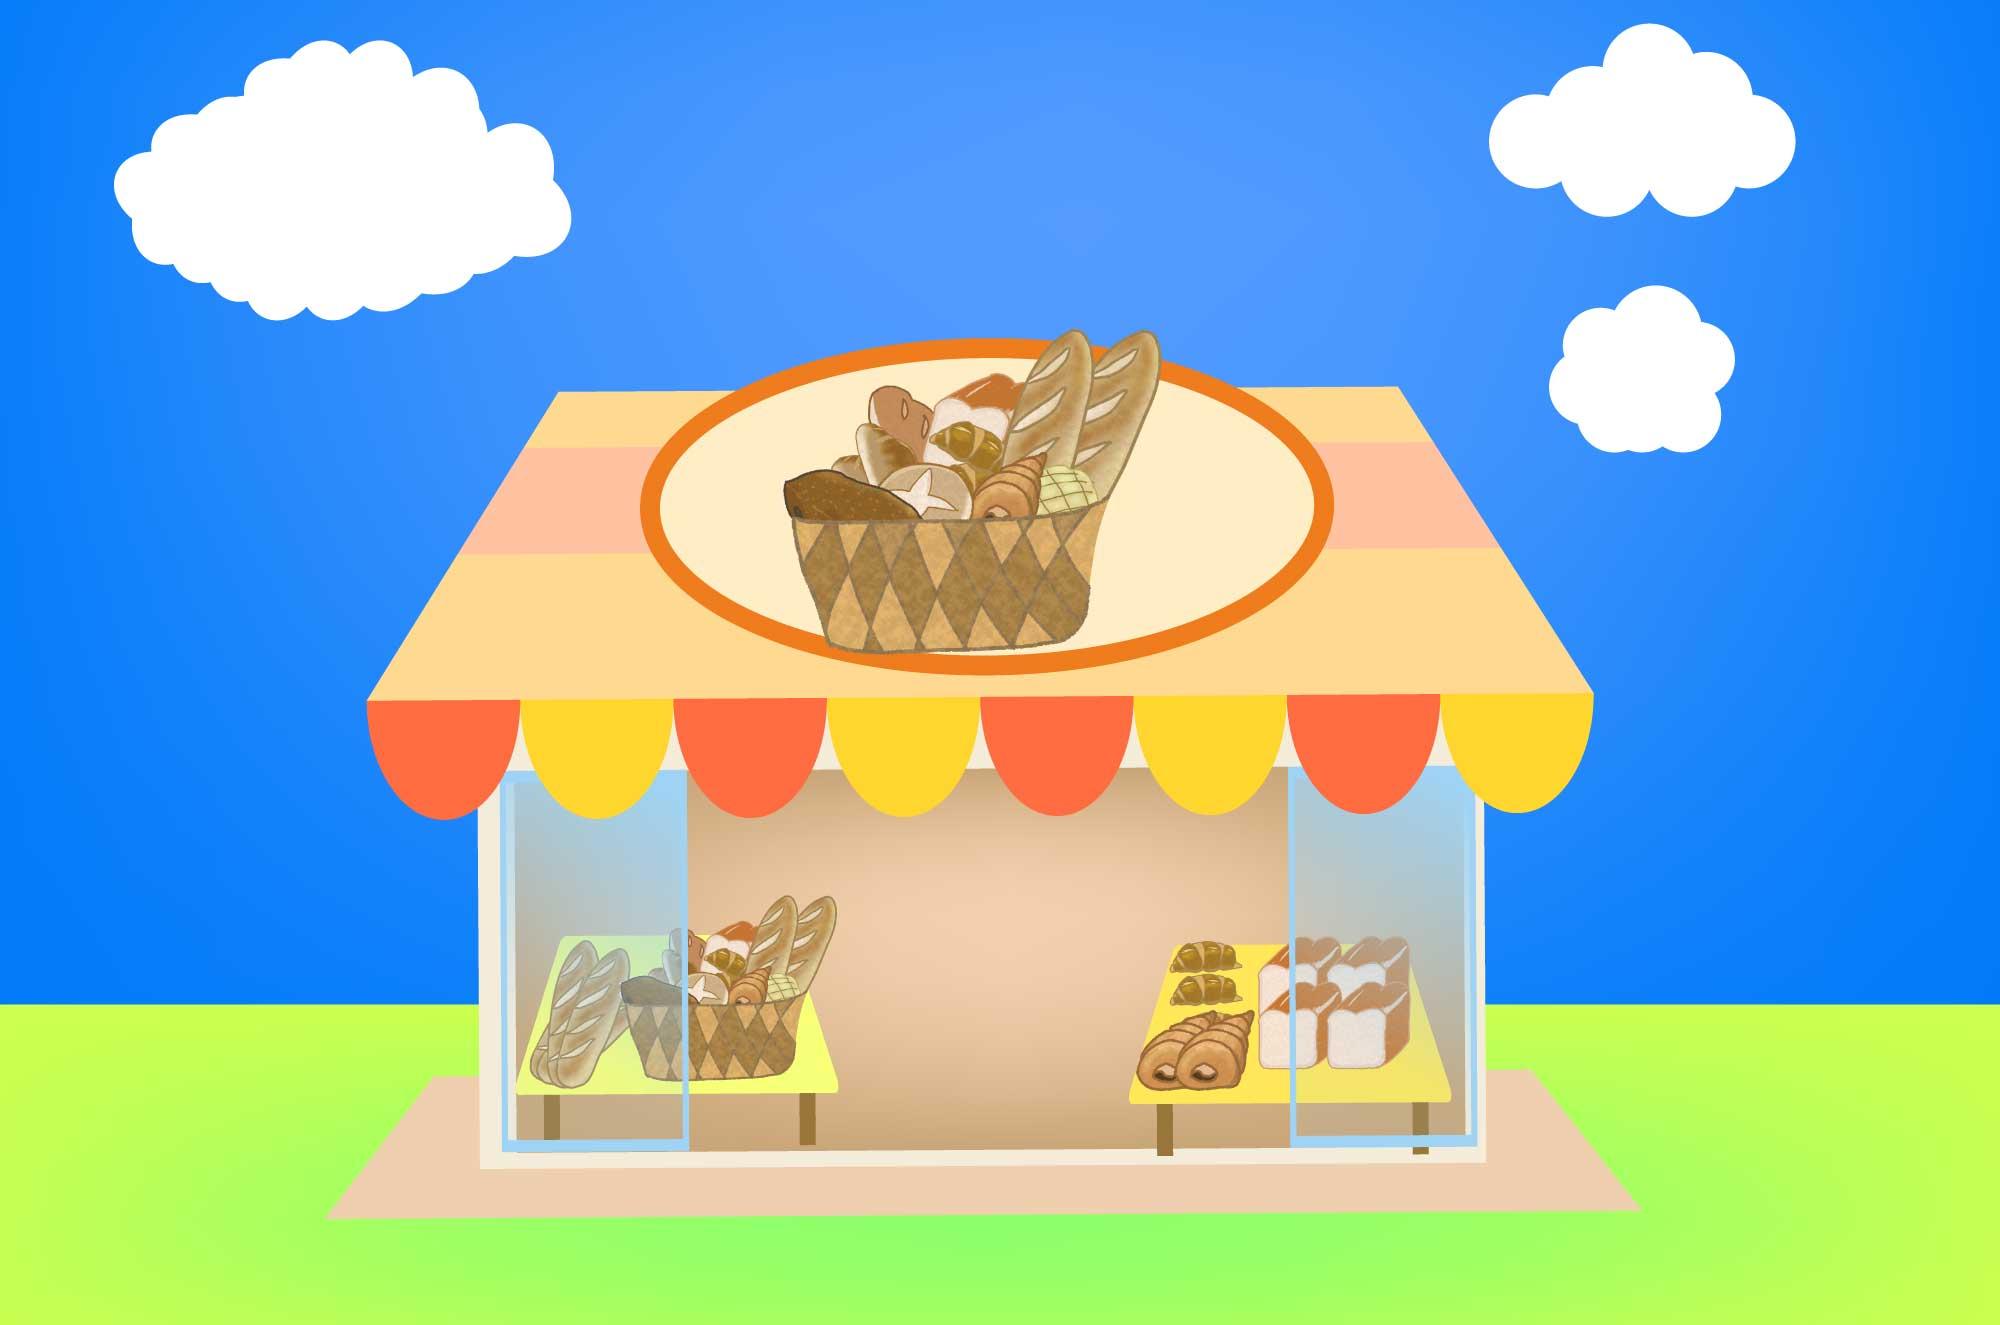 パン屋の無料イラスト - 可愛いお店の建物フリー素材